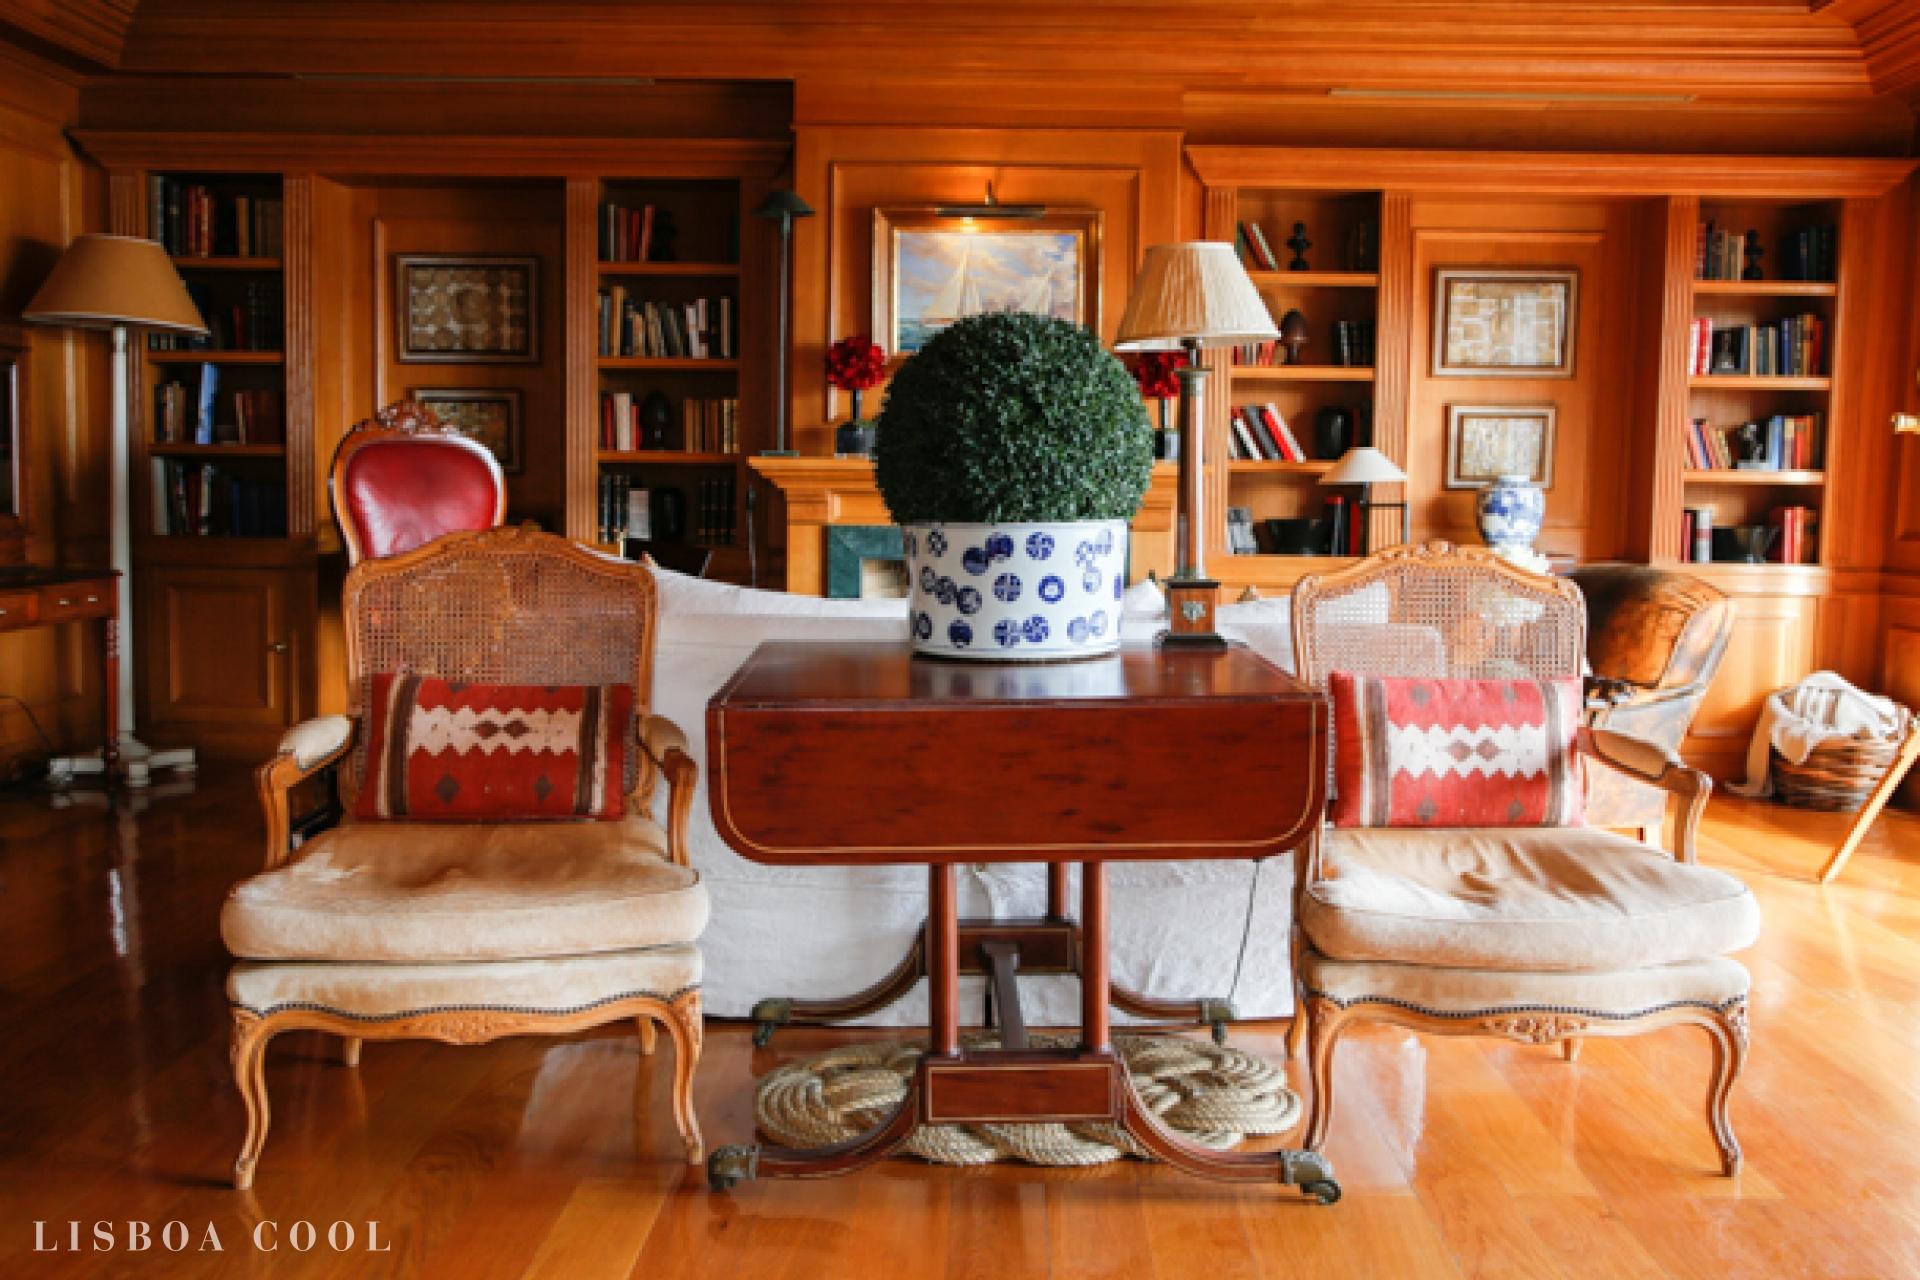 #BD470C Janelas Verdes Lisboa Cool 702 Janelas Verdes Lisbon